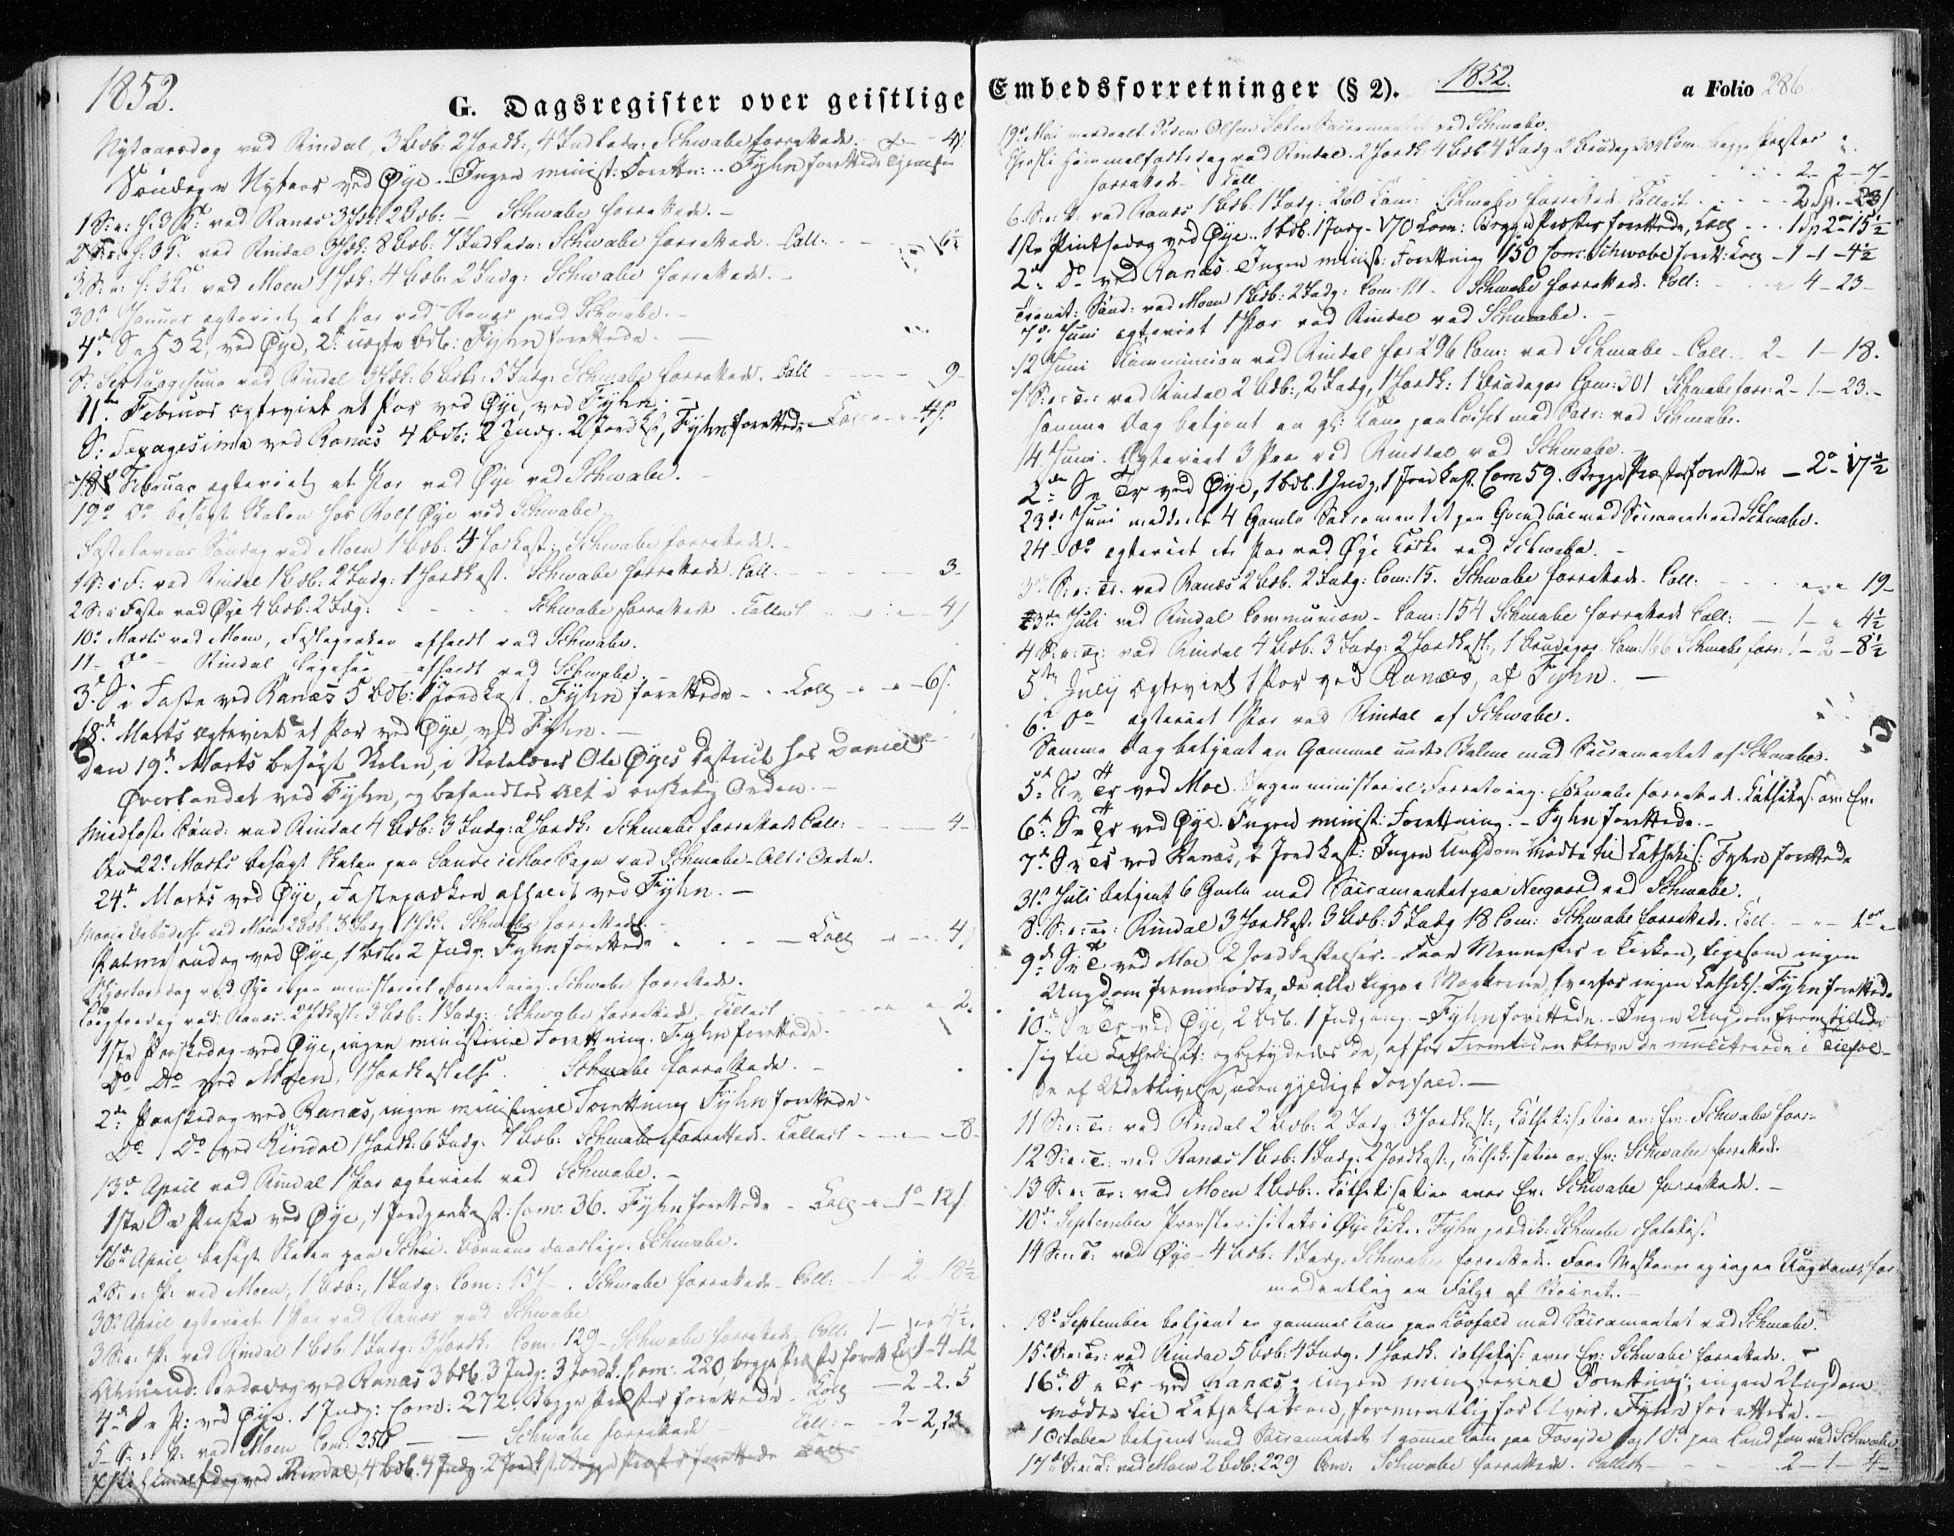 SAT, Ministerialprotokoller, klokkerbøker og fødselsregistre - Møre og Romsdal, 595/L1044: Ministerialbok nr. 595A06, 1852-1863, s. 286